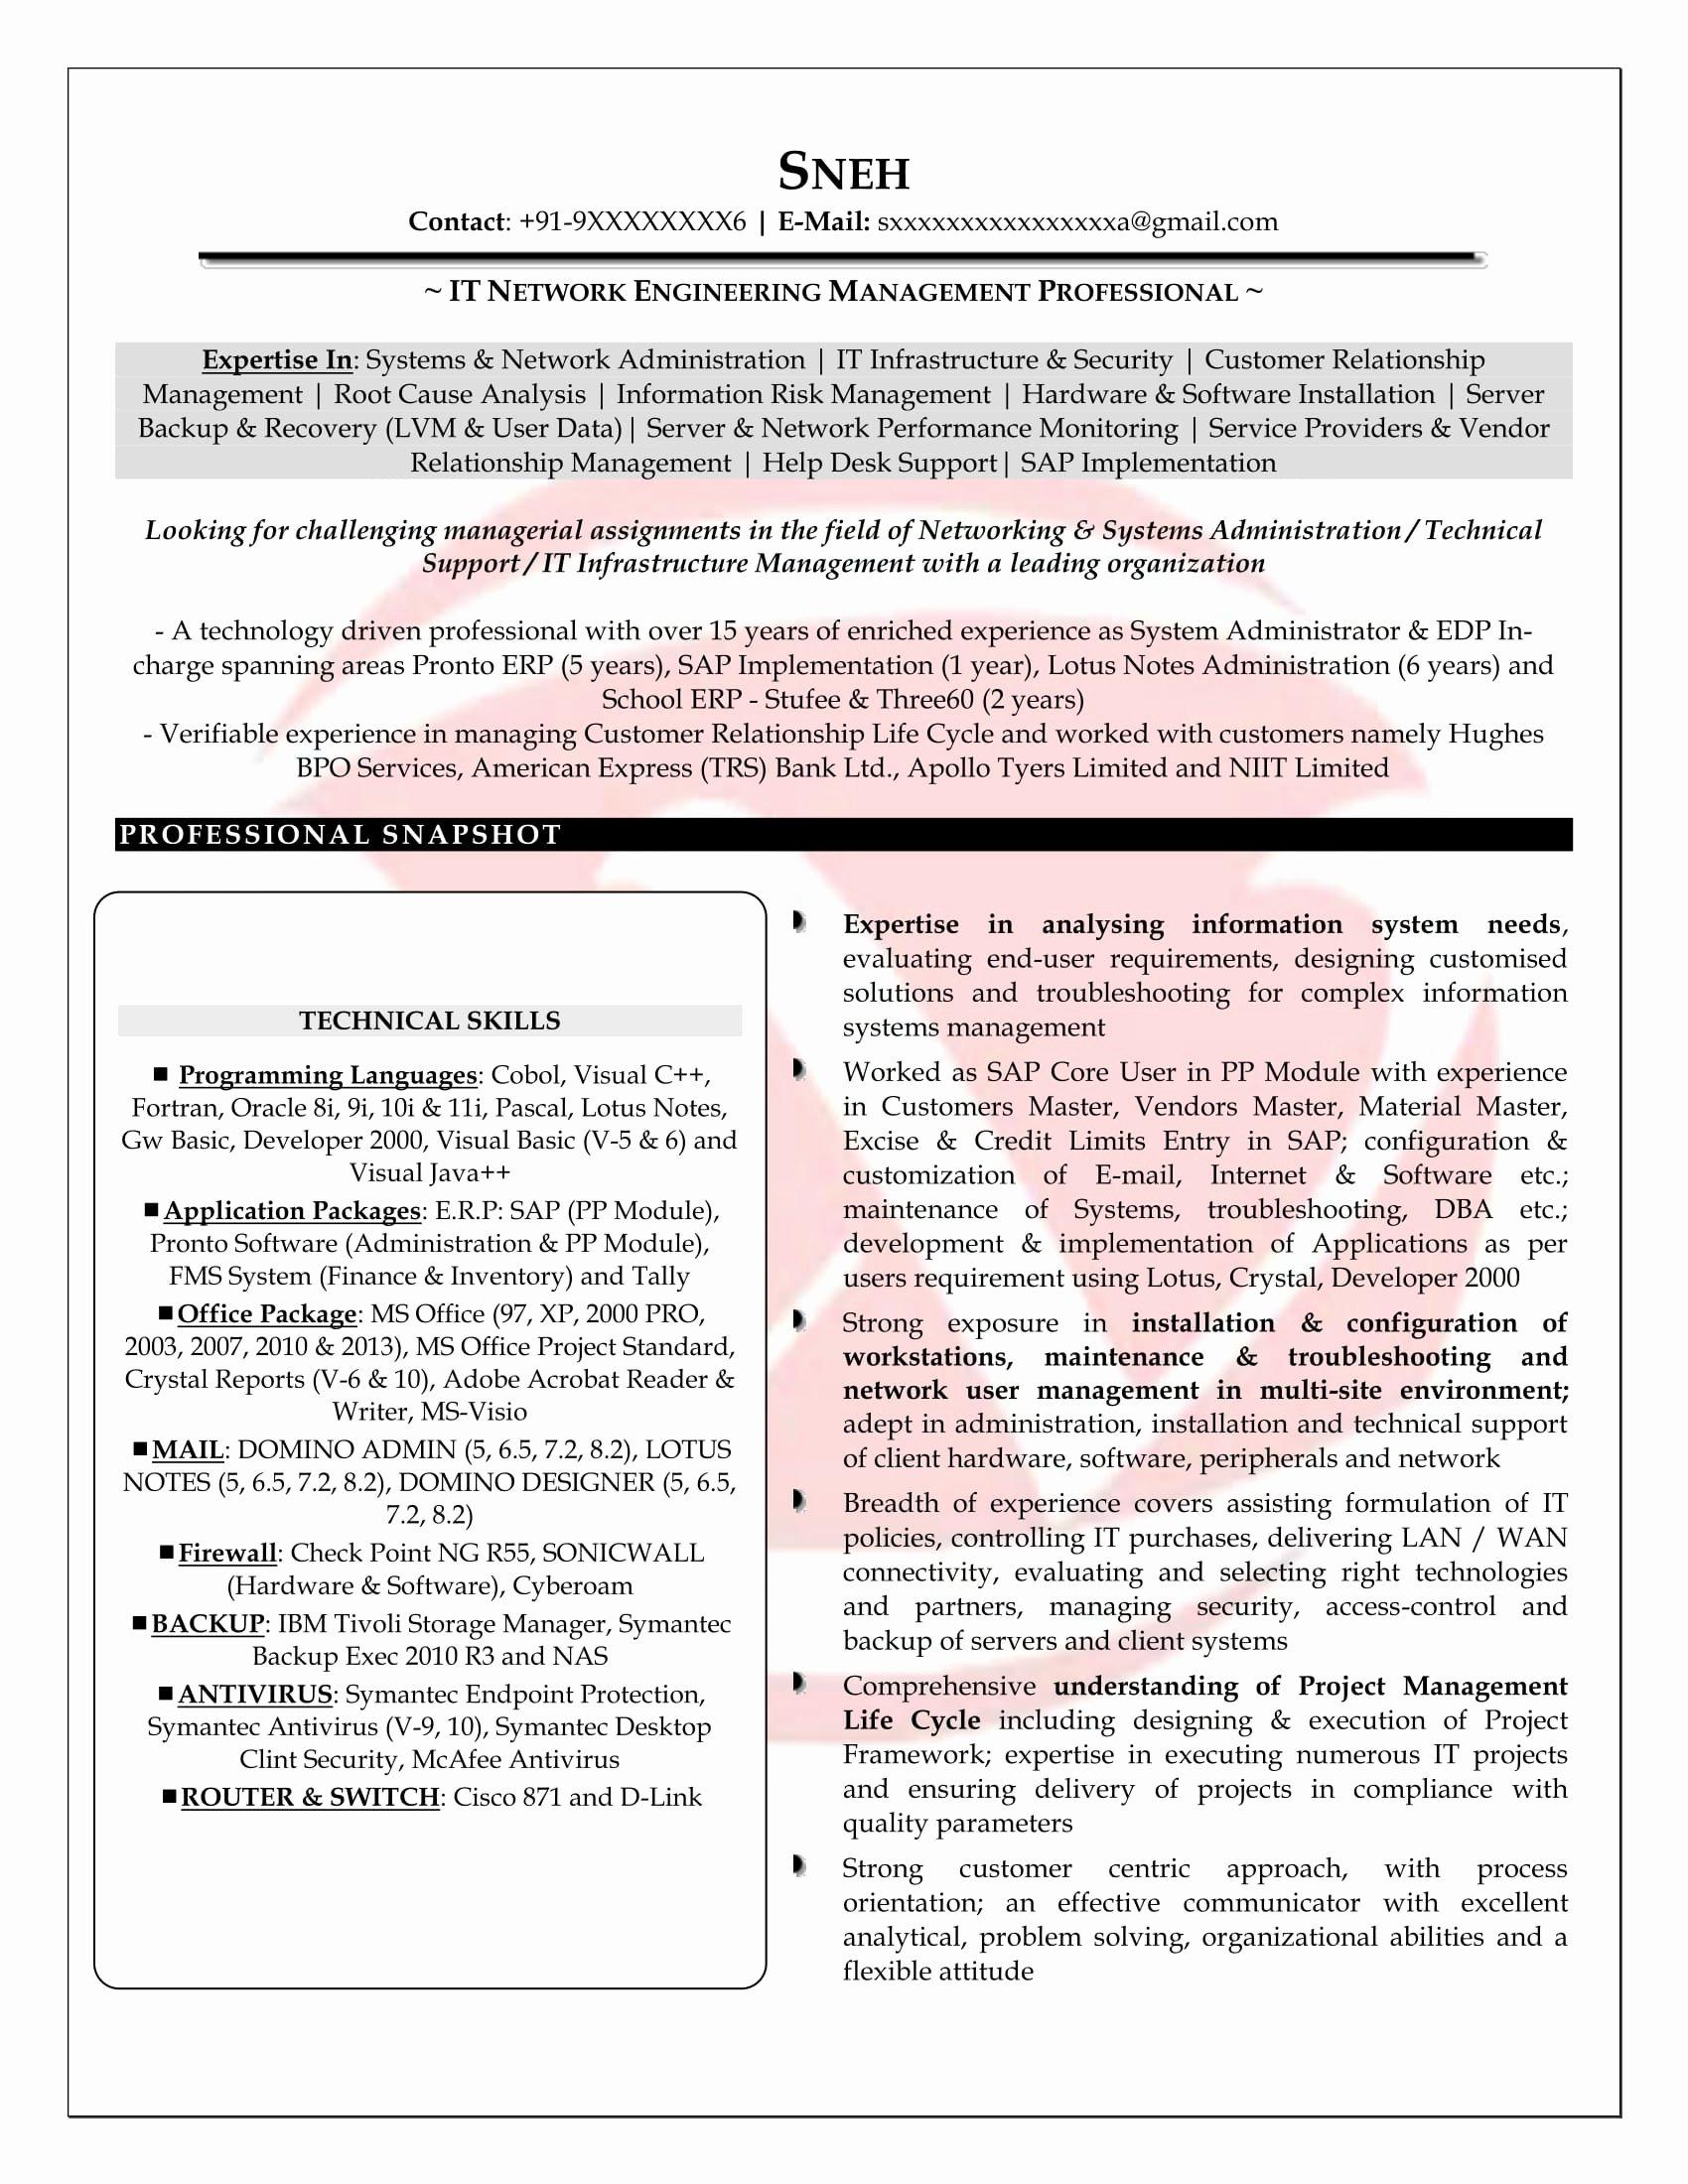 Network Engineer Resume Sample Elegant Network Engineer Sample Resumes Download Resume format